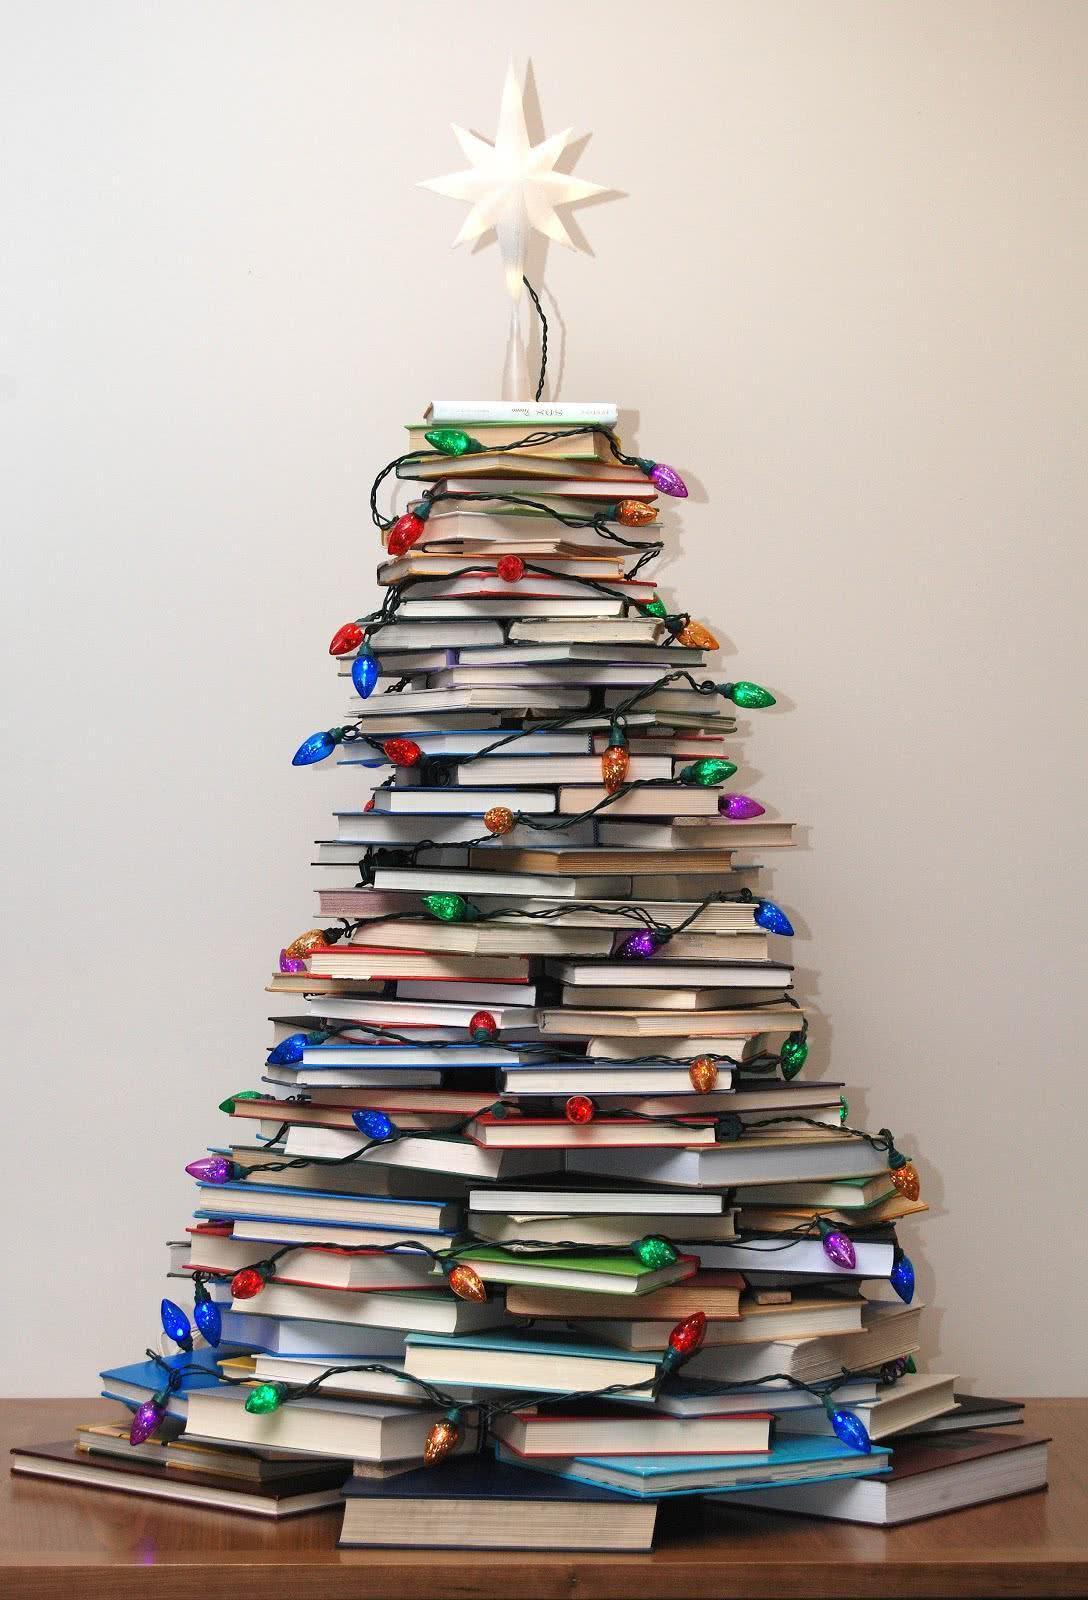 decorar uma arvore de natal:134 Fotos de Decoração de Natal – Mesas, Árvores e Mais